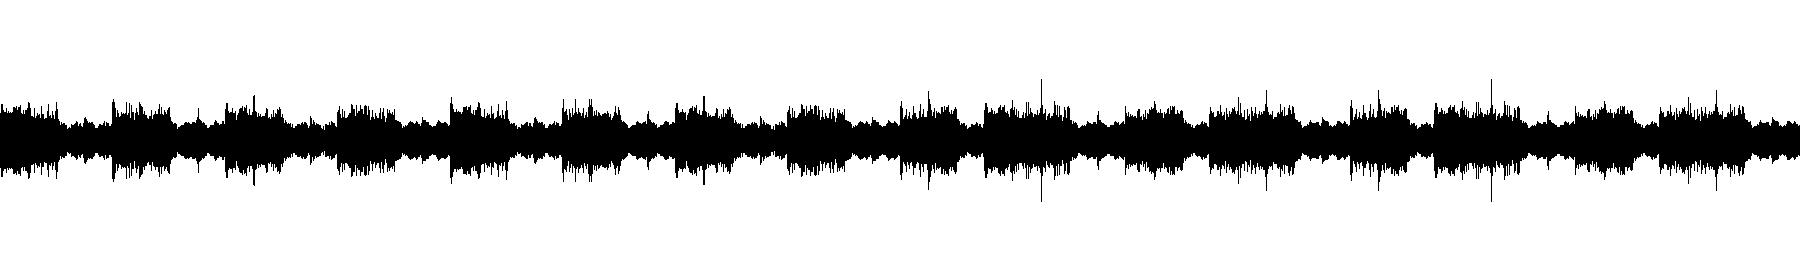 eighties synthwave loop